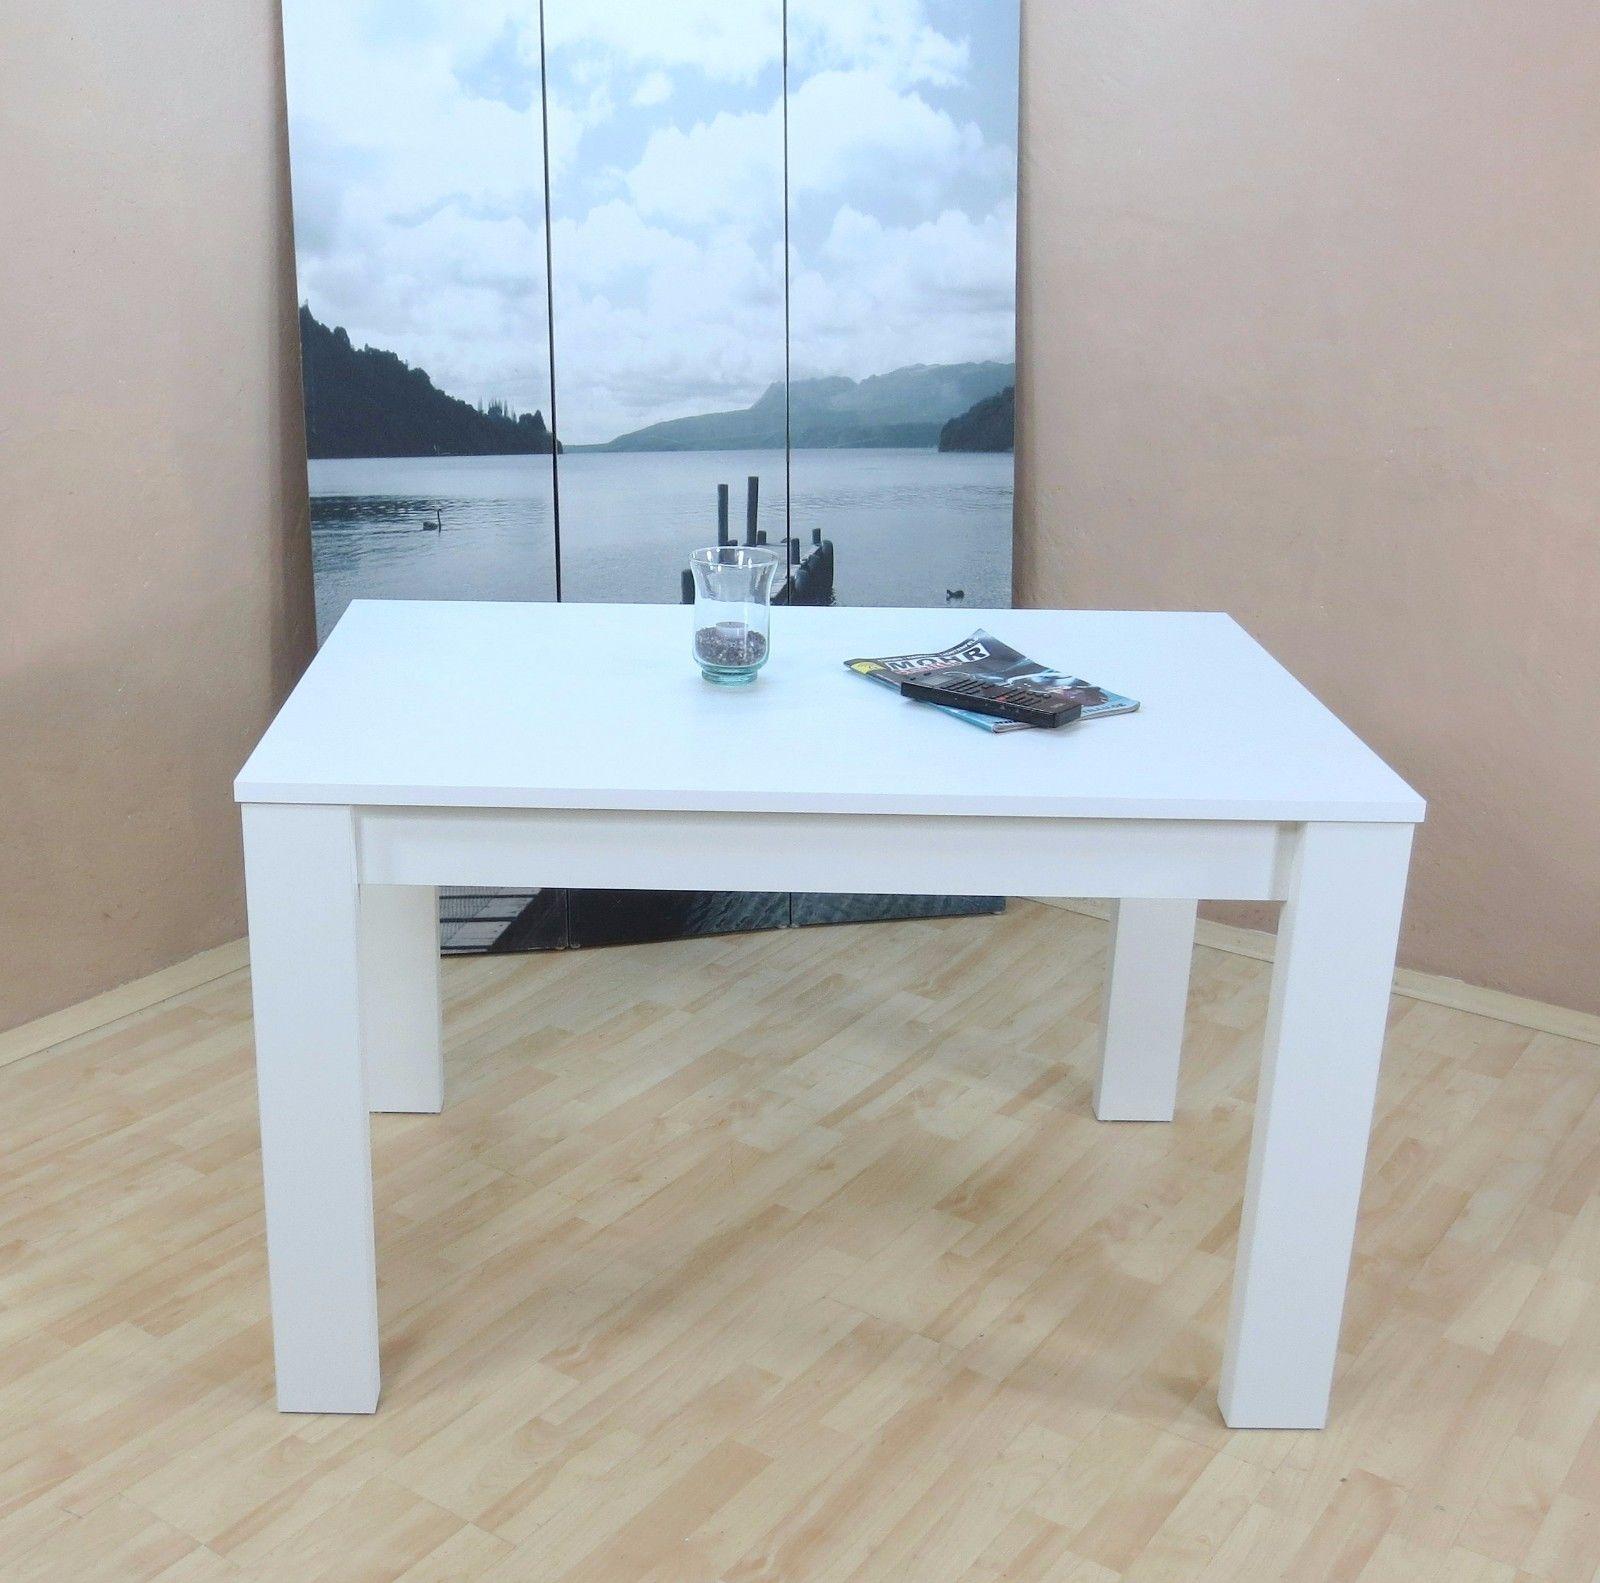 Esstisch Weiß Esszimmertisch Vierfusstisch Modern Design Robust Günstig Neu